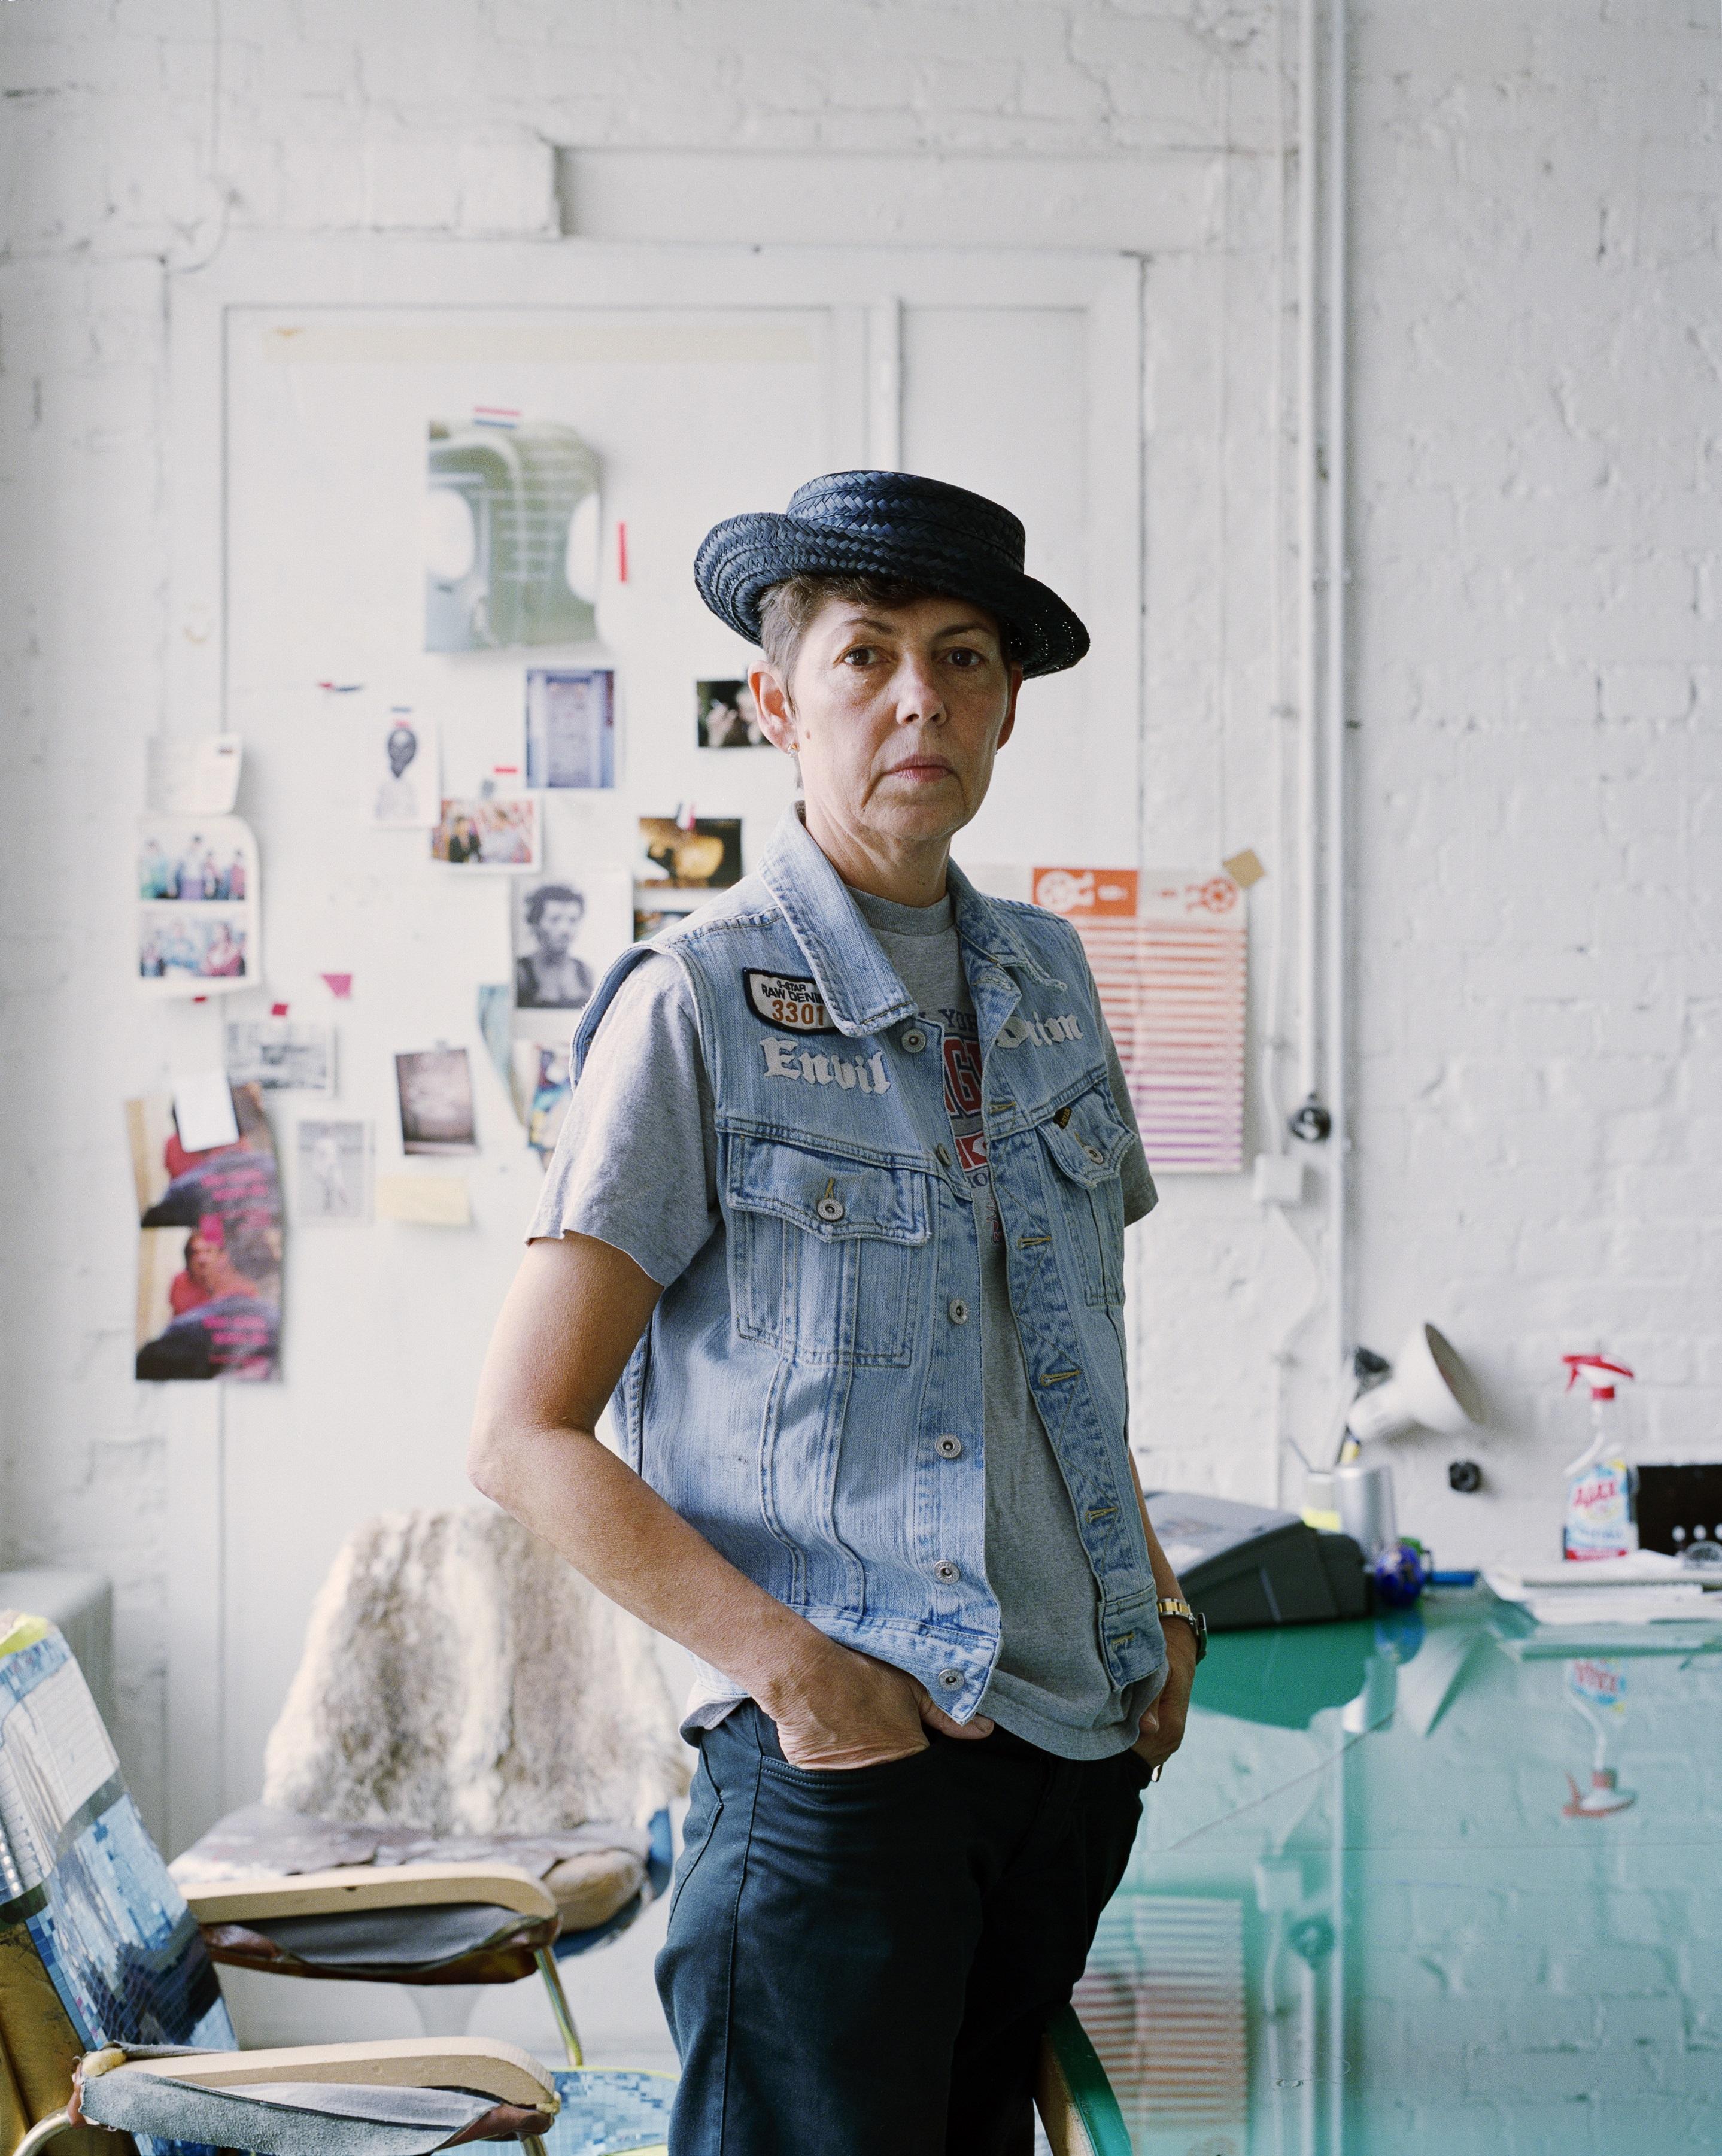 Portraitfoto der Künstlerin Isa Genzken Berlin 2003